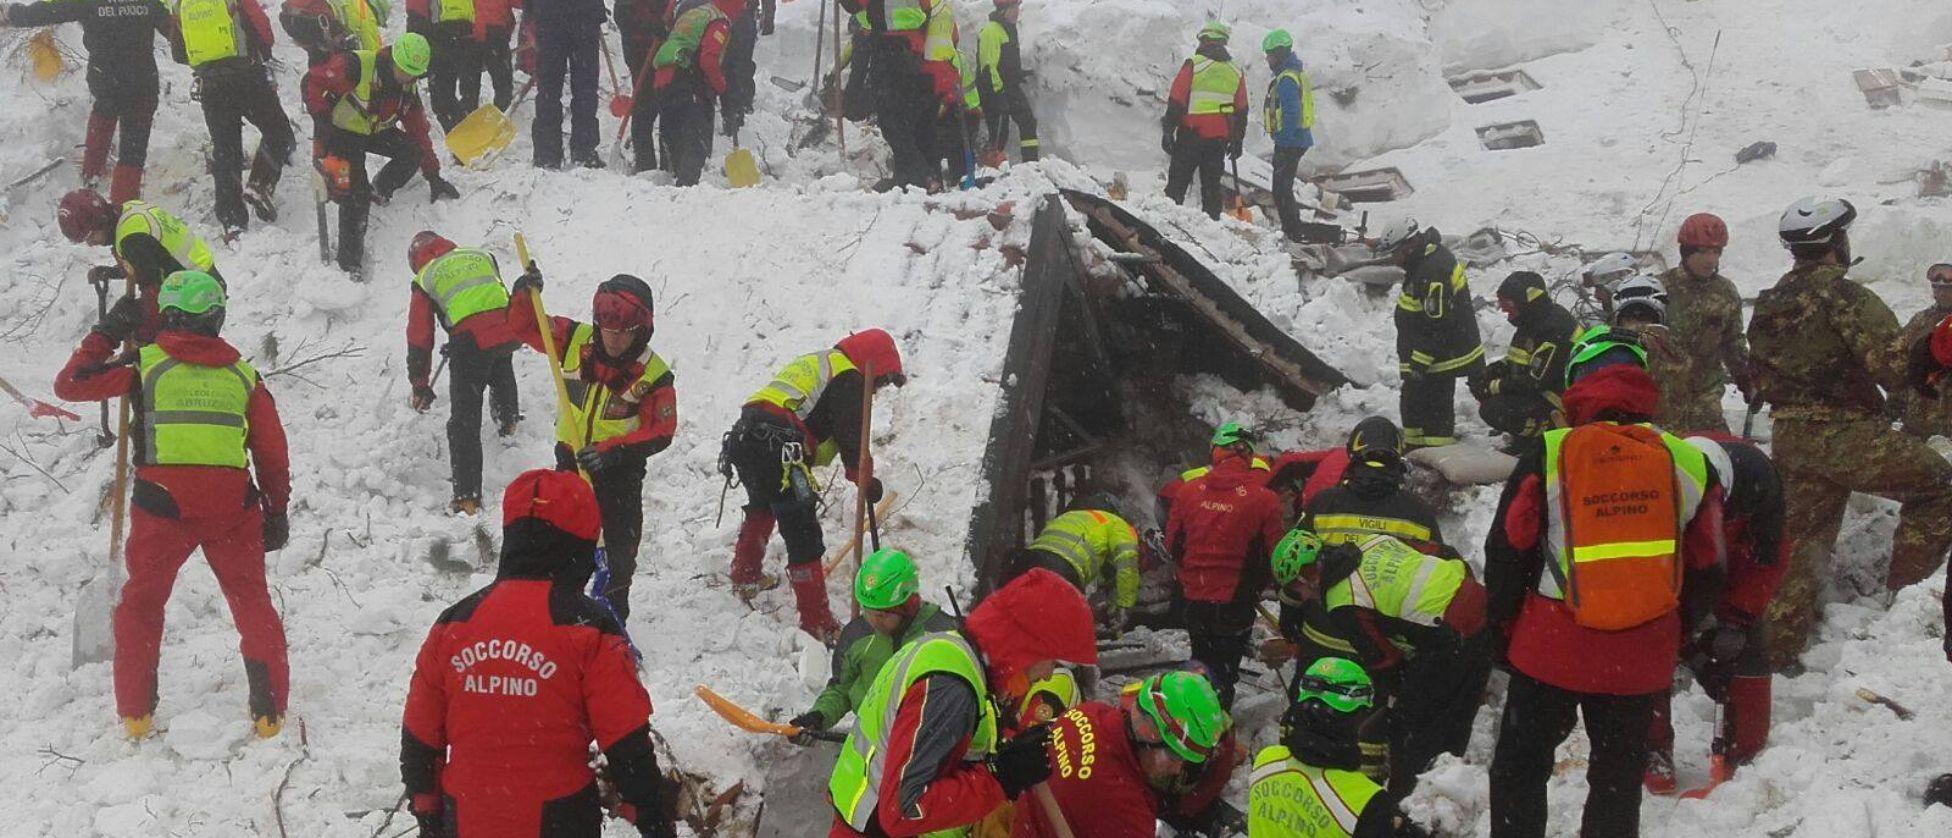 Slavina su hotel: rinvenuti 4 corpi, molti dispersi Protezione civile: continuiamo a scavare